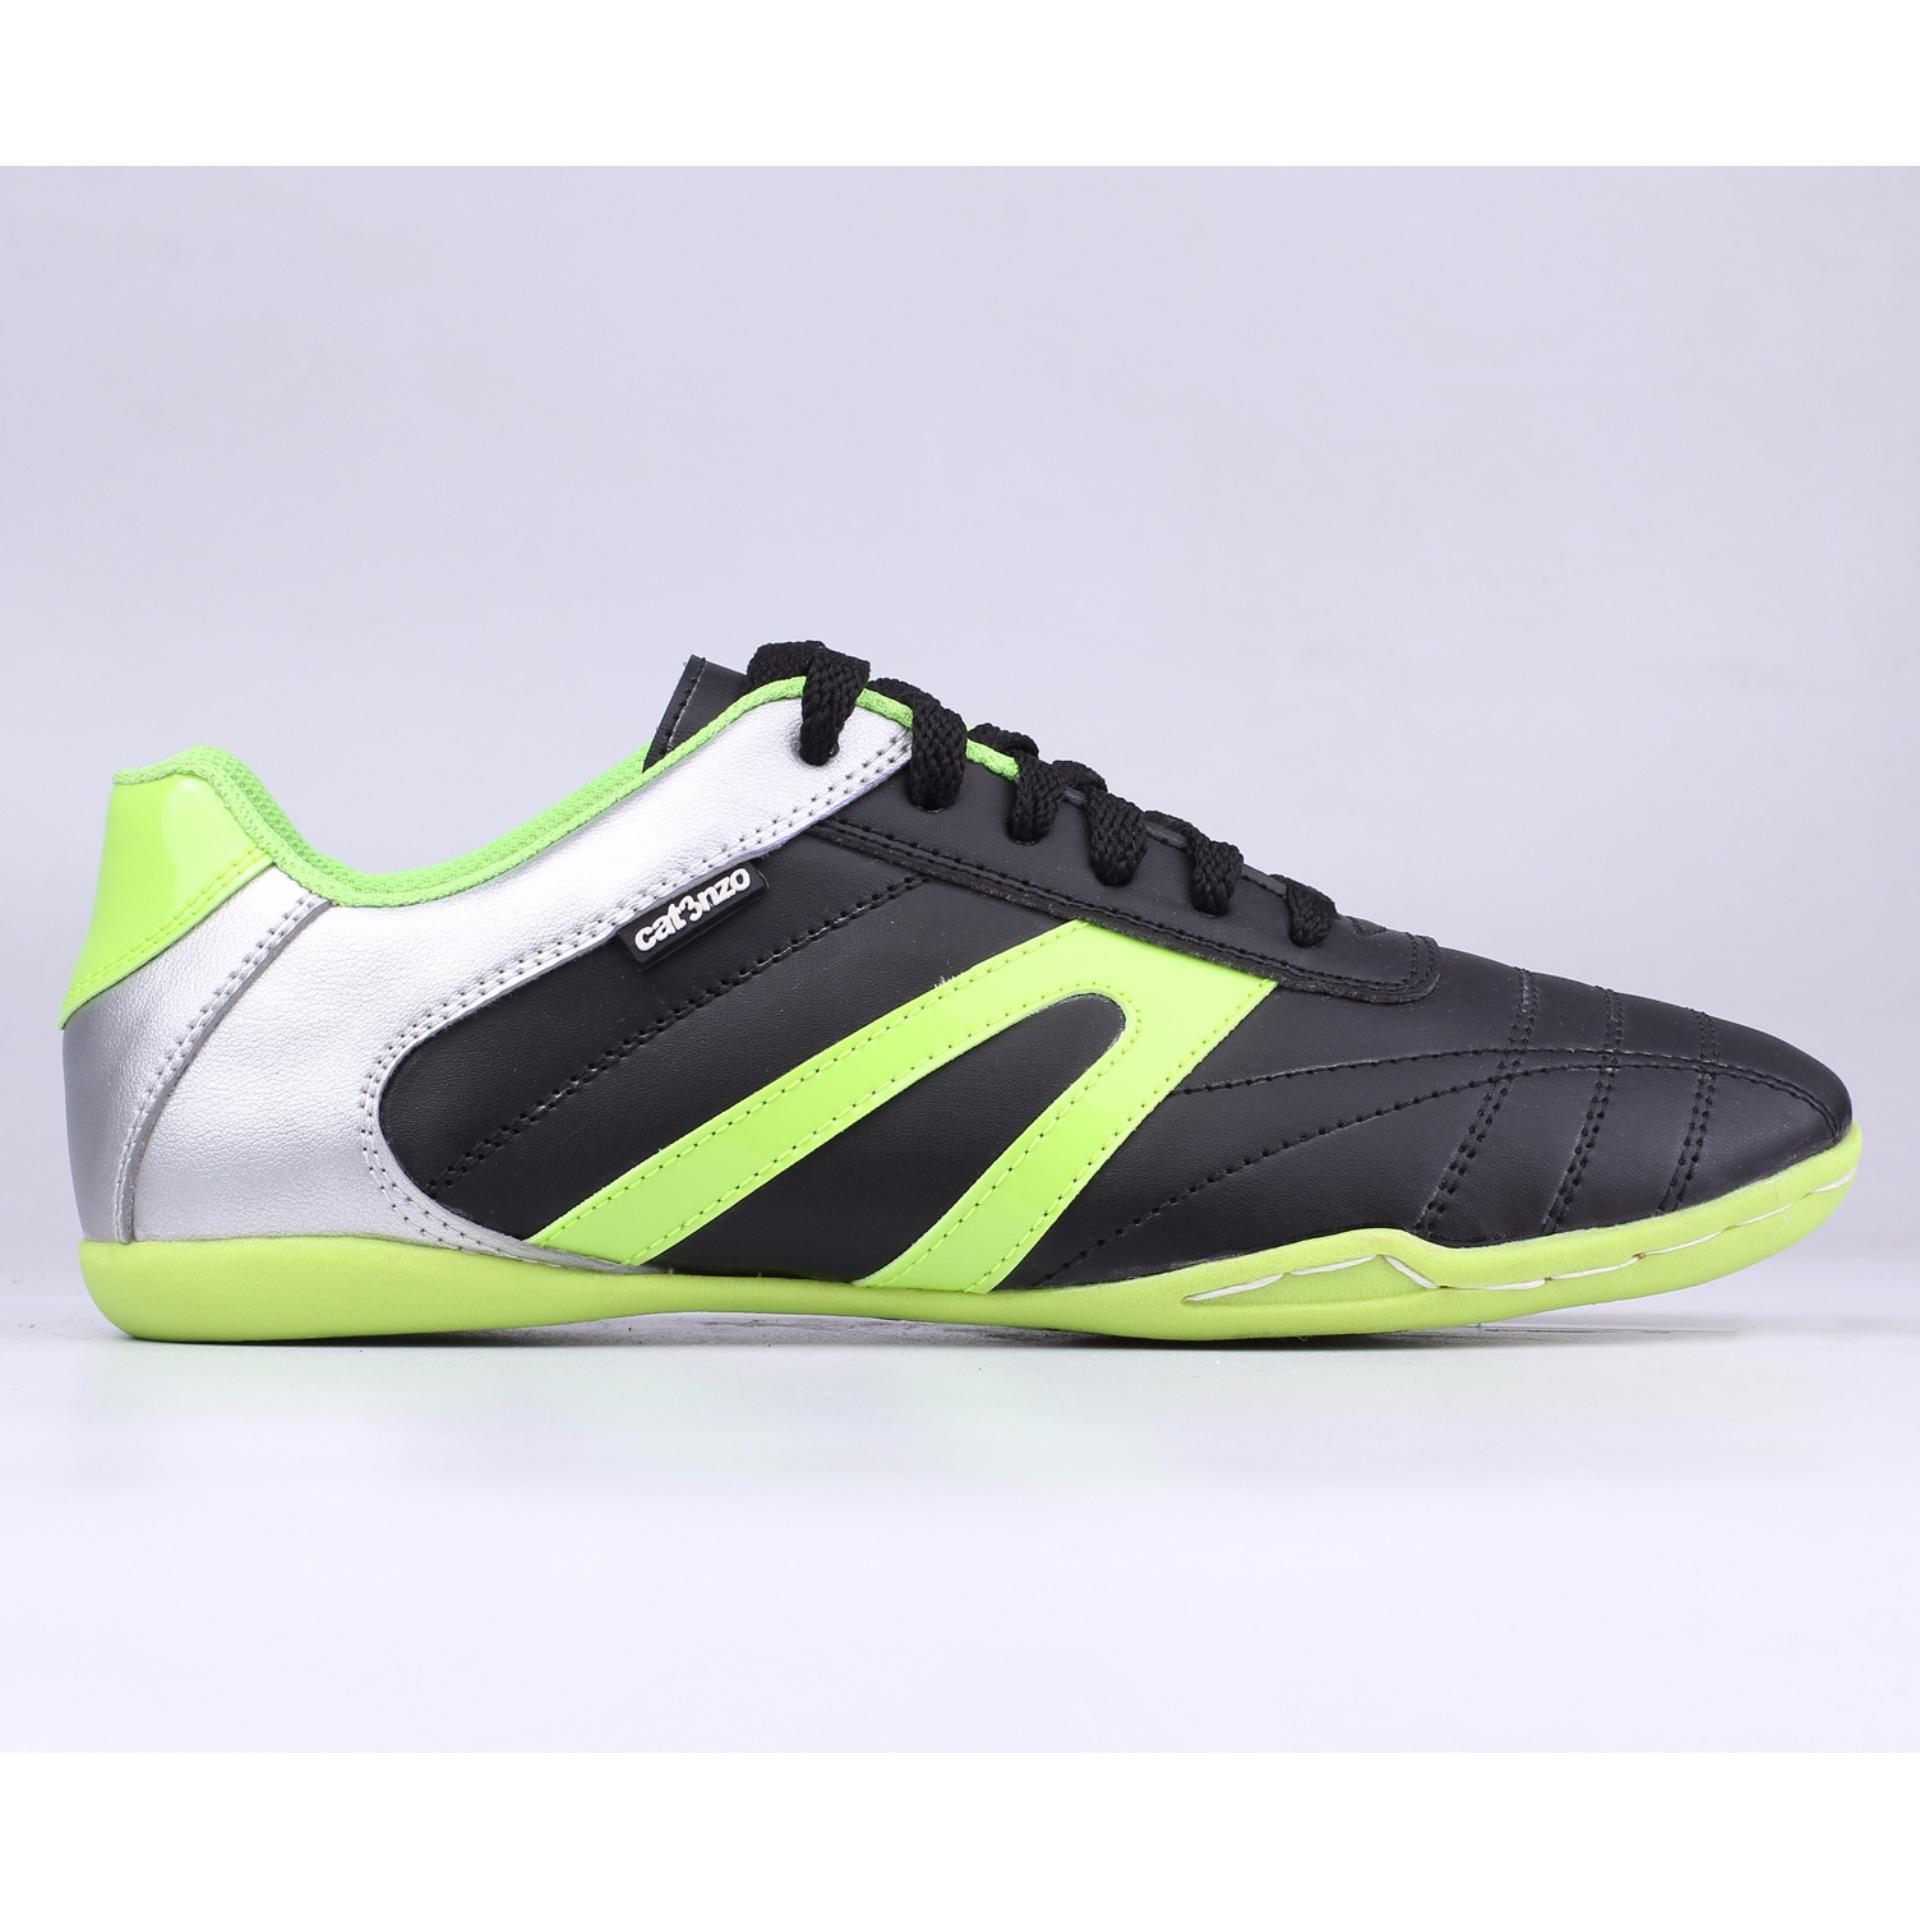 Harga Baru Catenzo Sport Shoes Sepatu Futsal Pria Ns 090 Black High Super Green